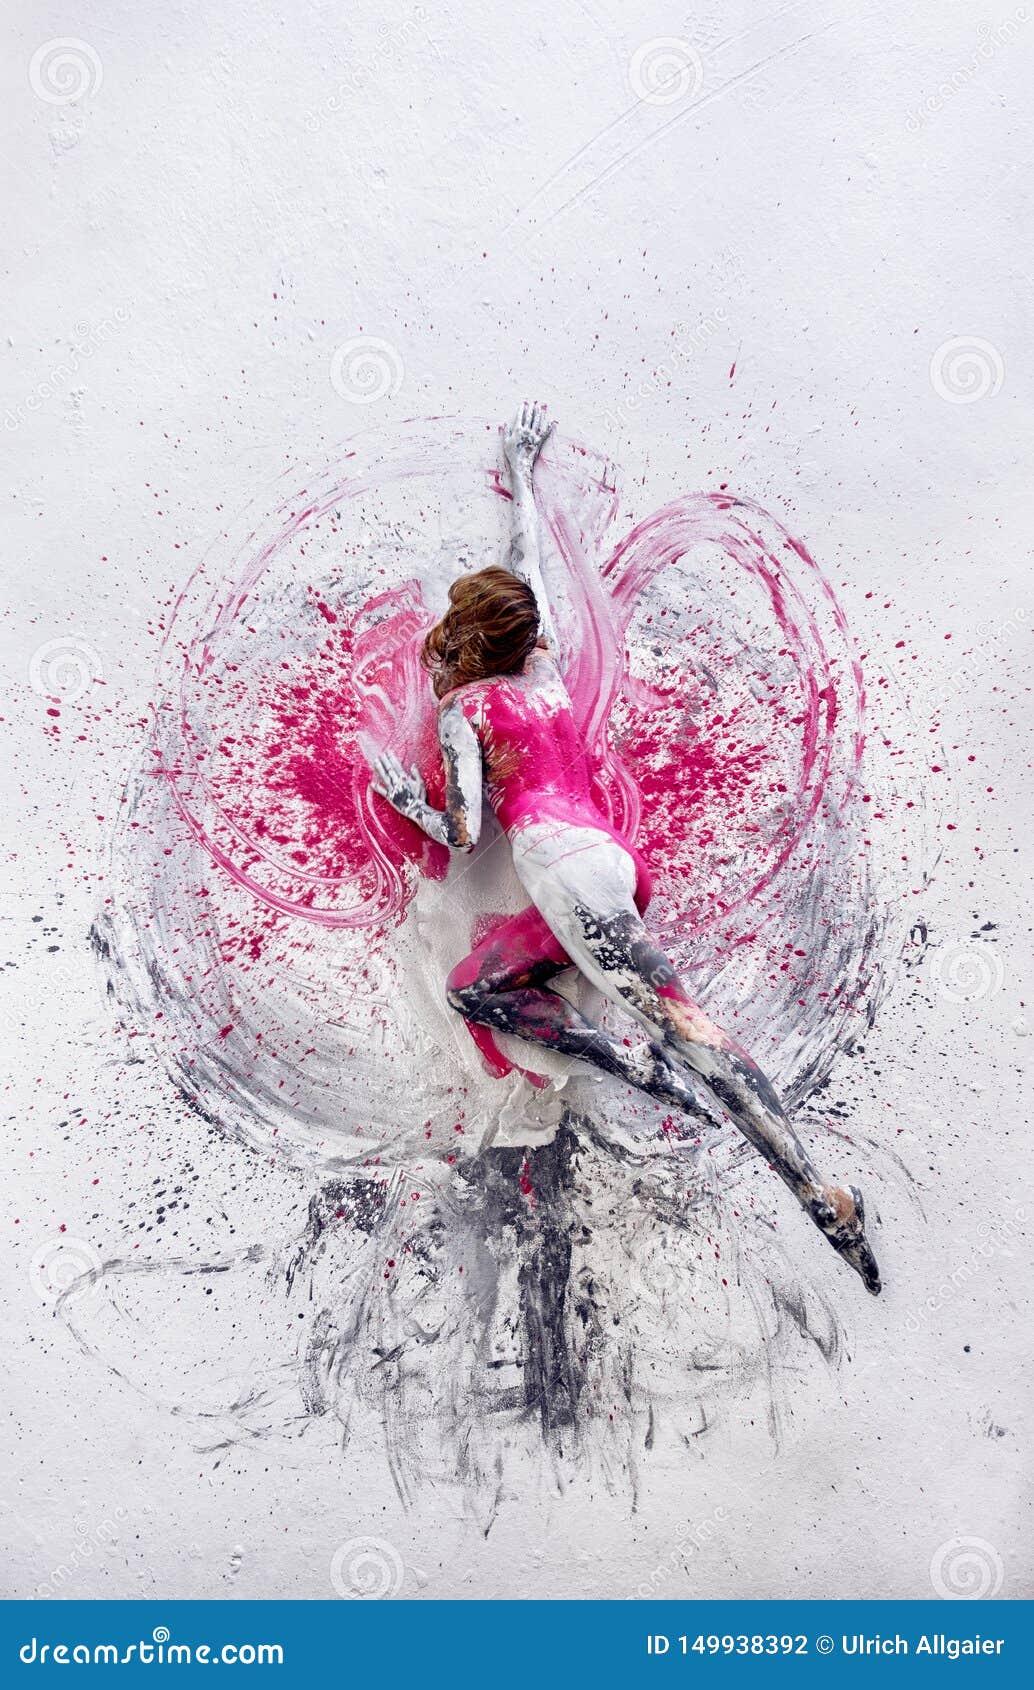 La giovane donna nuda nel rosa, il bianco grigio, colore, dipinto, si trova ballando sul pavimento elegante decorativo, nel color